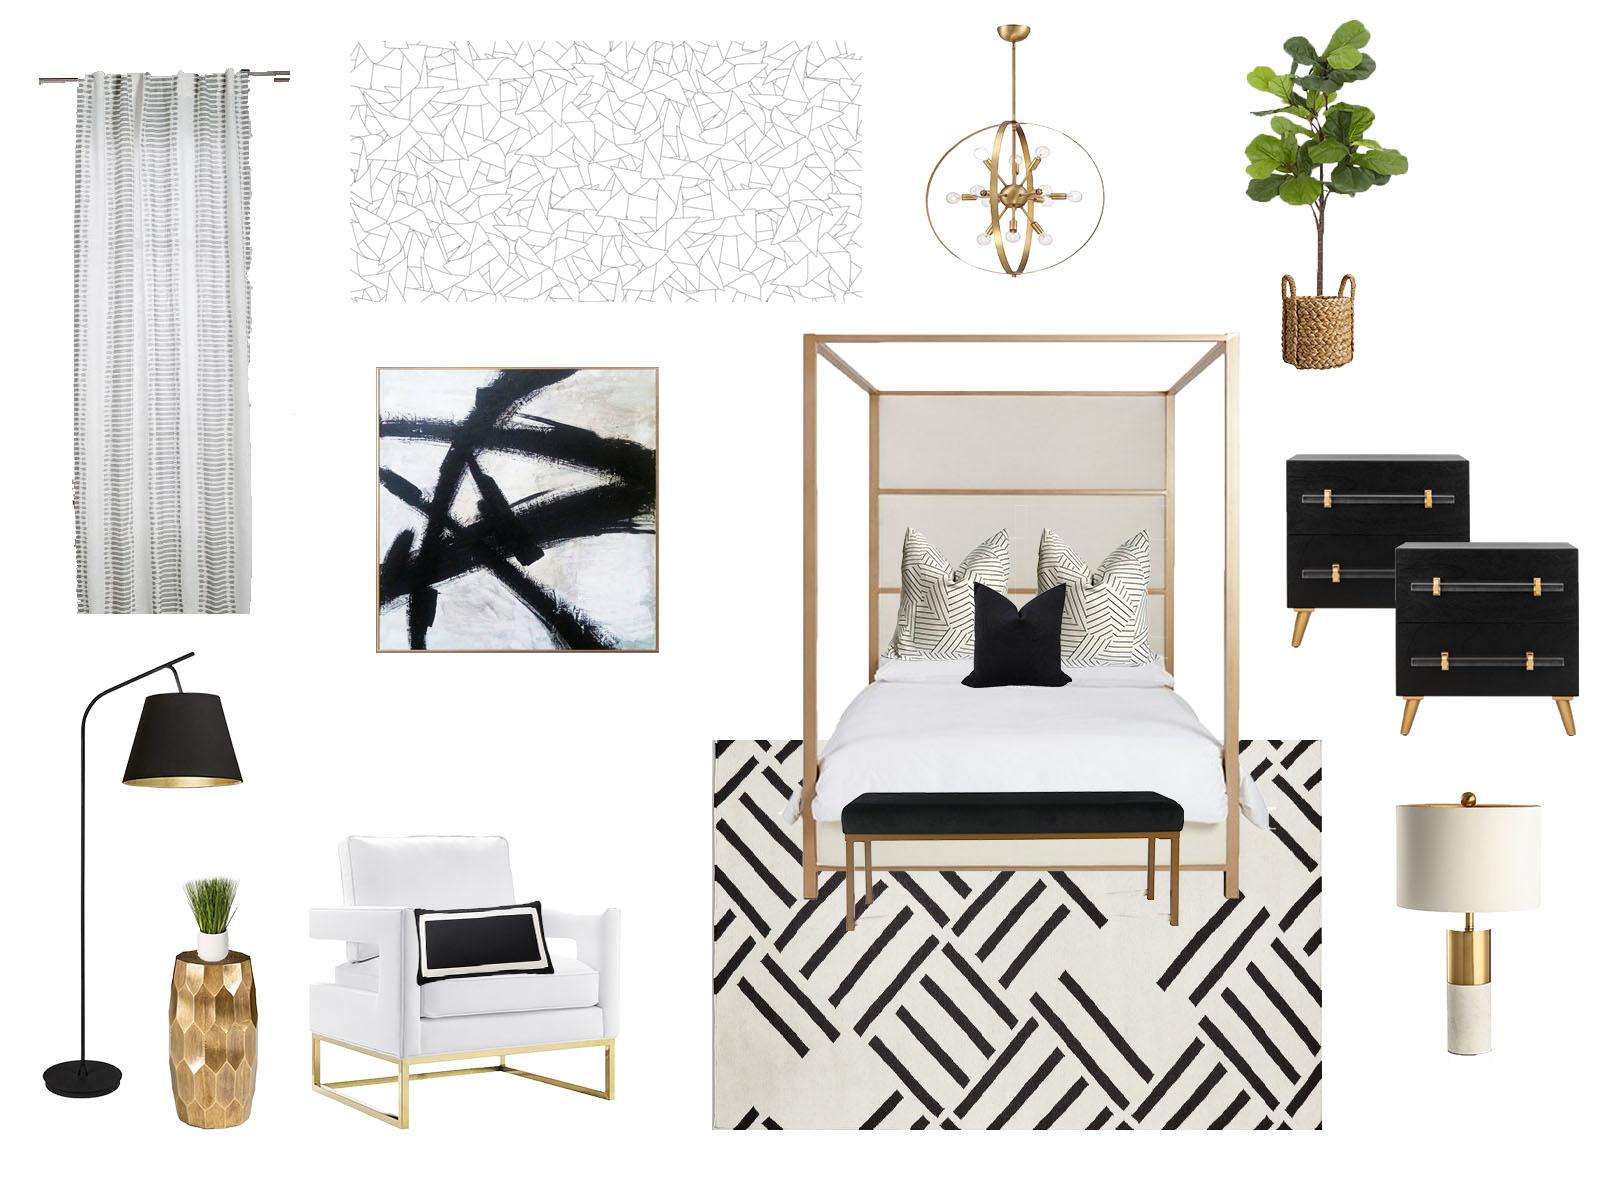 Whittaker Interiors Design Concept Board E-Design